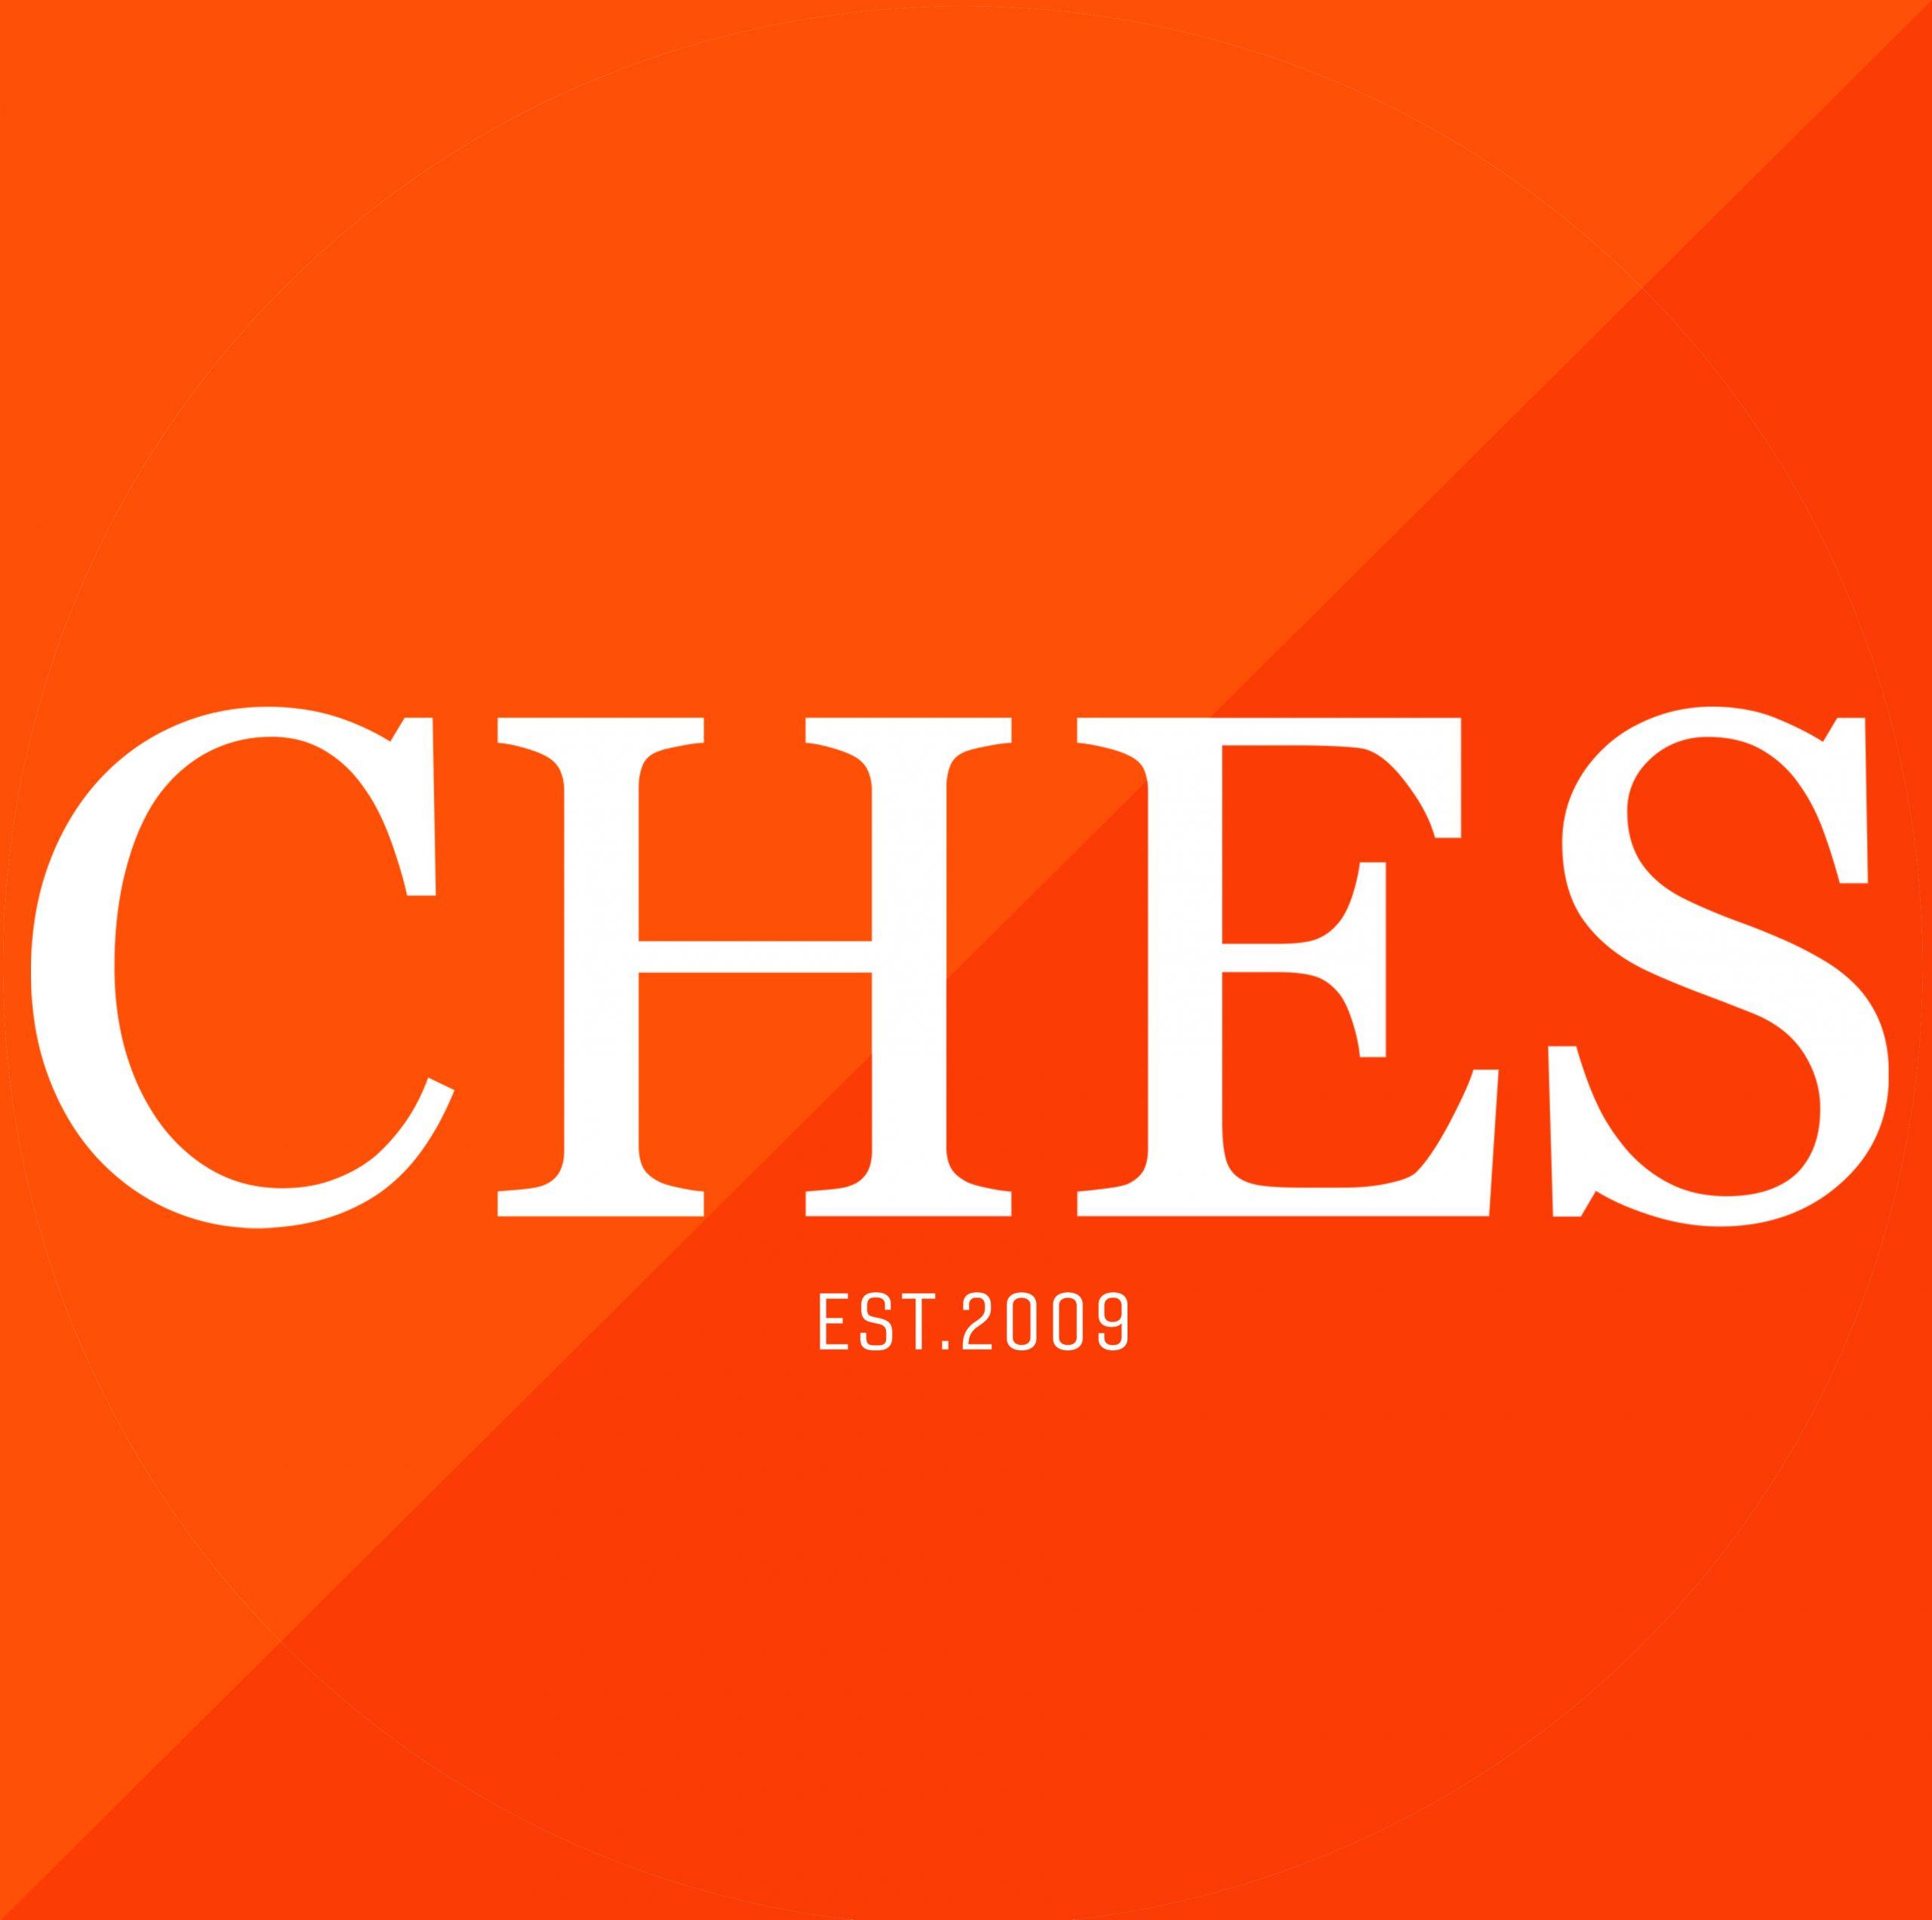 chesvisual design inc